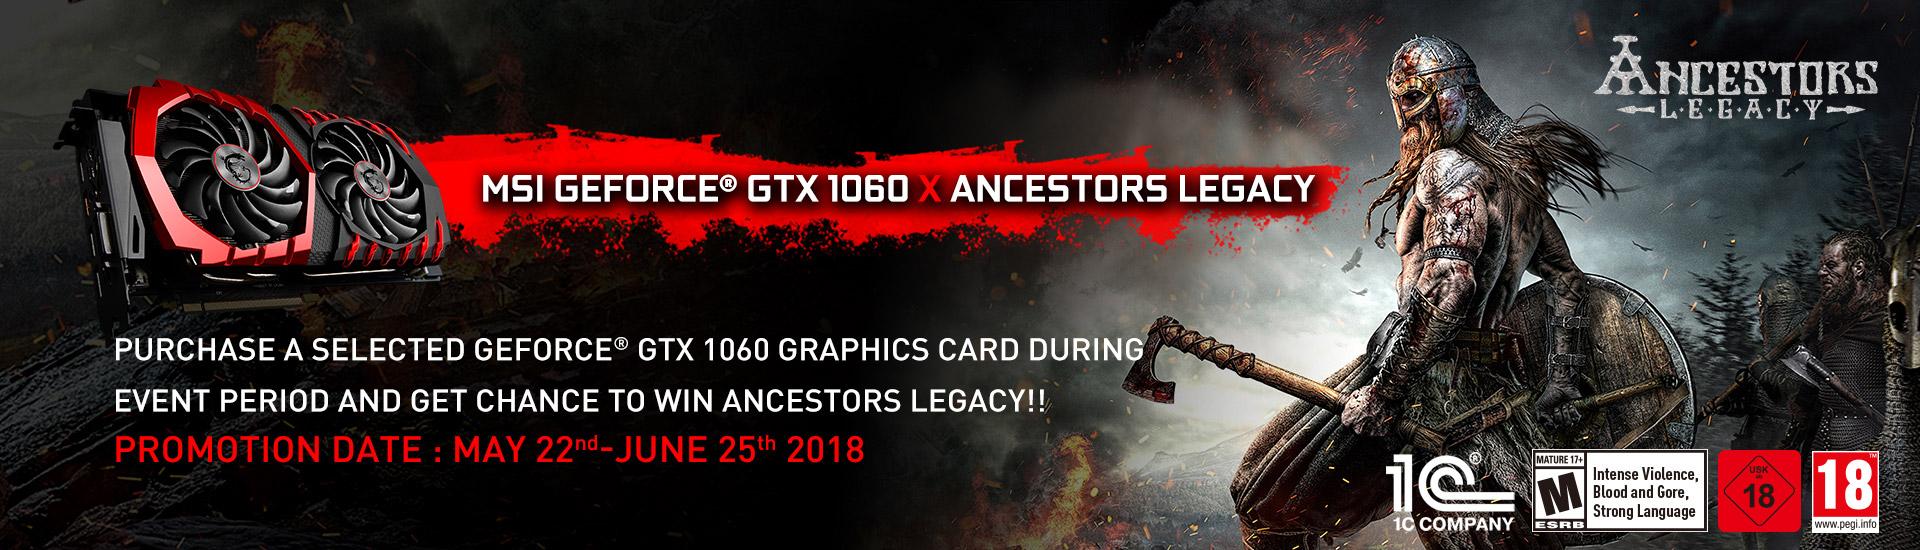 Geforce GTX 1060 X